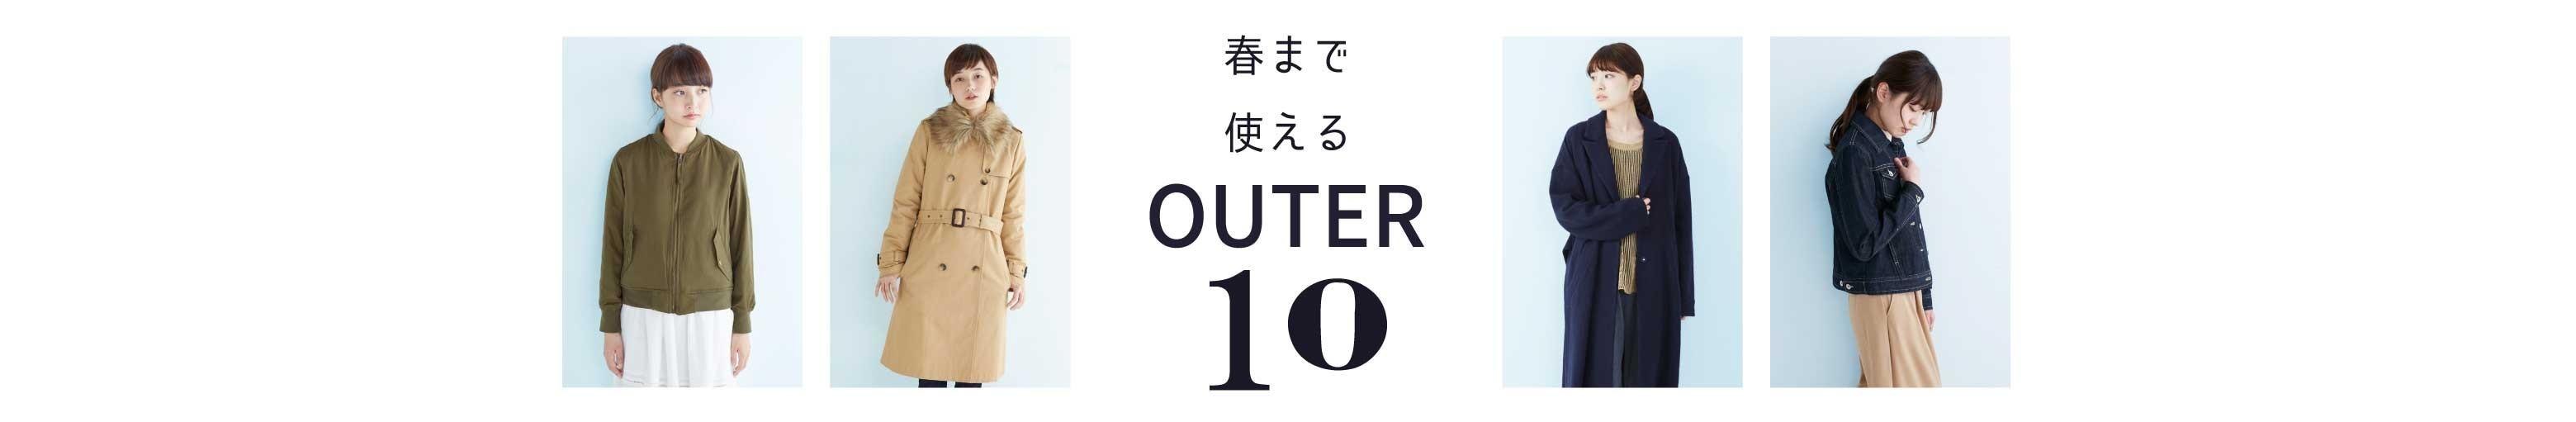 春まで使えるOUTER10